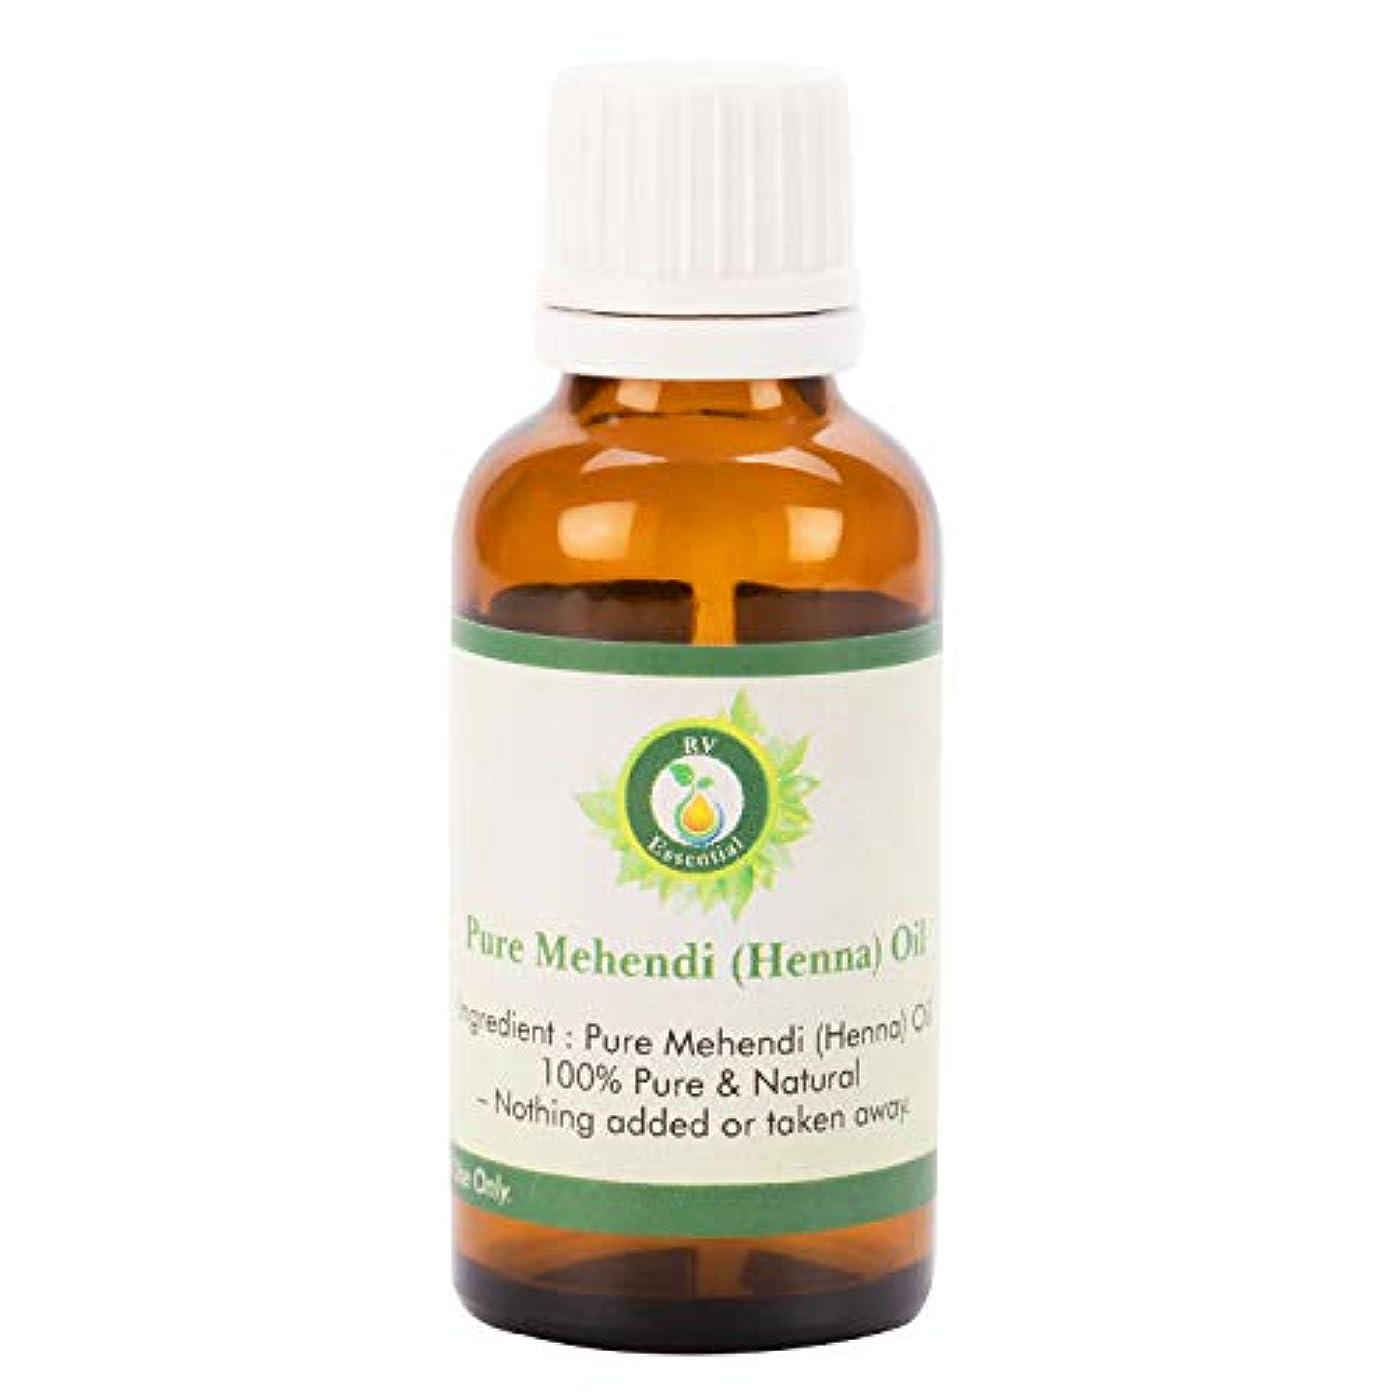 感度トースト会話型ピュアMehendi(ヘナ)オイル100ml (3.38oz)- (100%純粋でナチュラル) Pure Mehendi (Henna) Oil